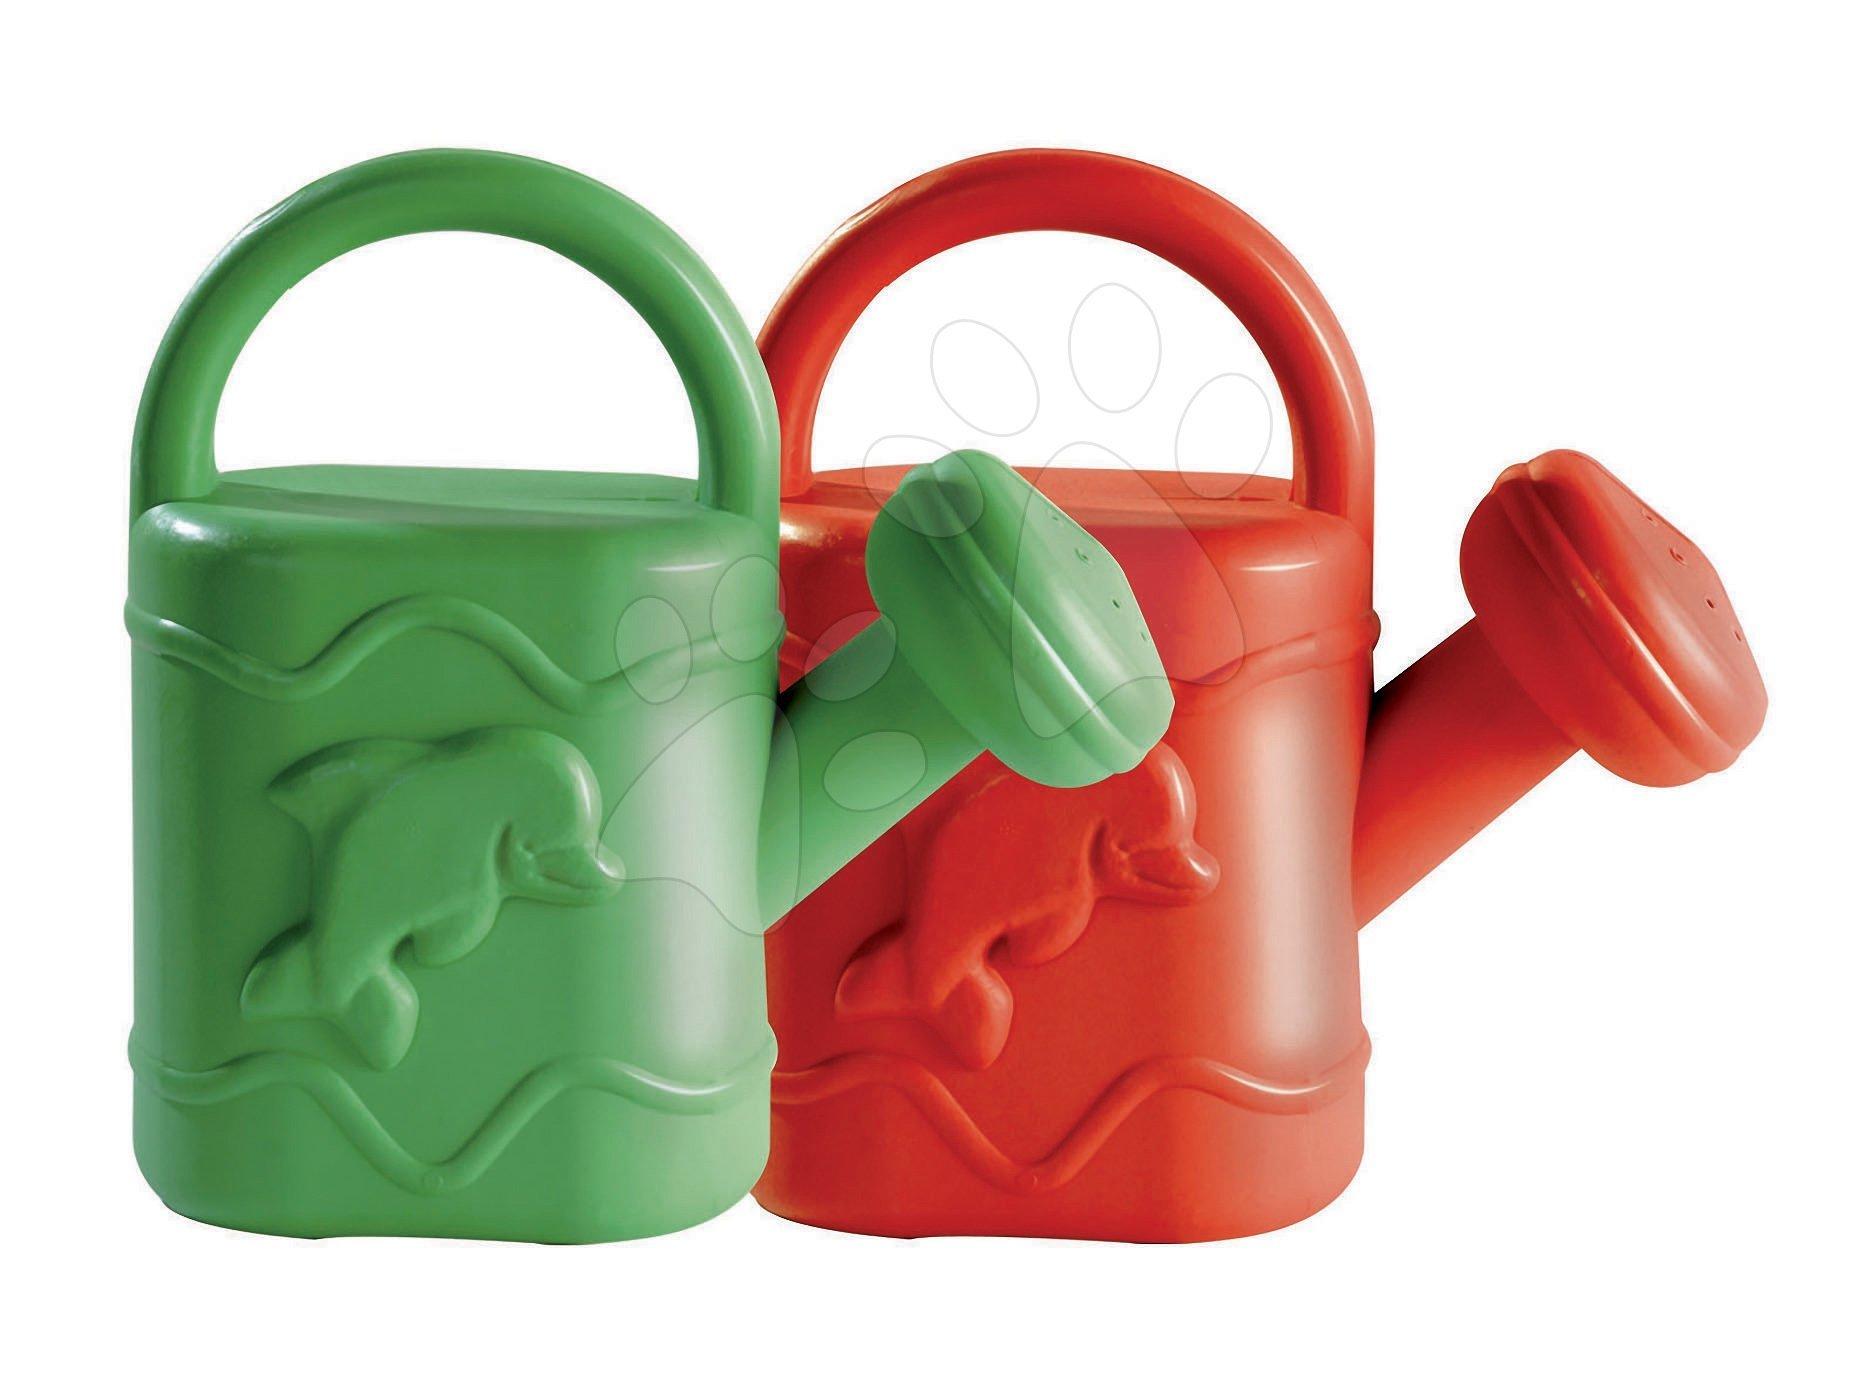 Krhlička Dohány stredná veľkosť (objem 1,5 litra) červená/zelená